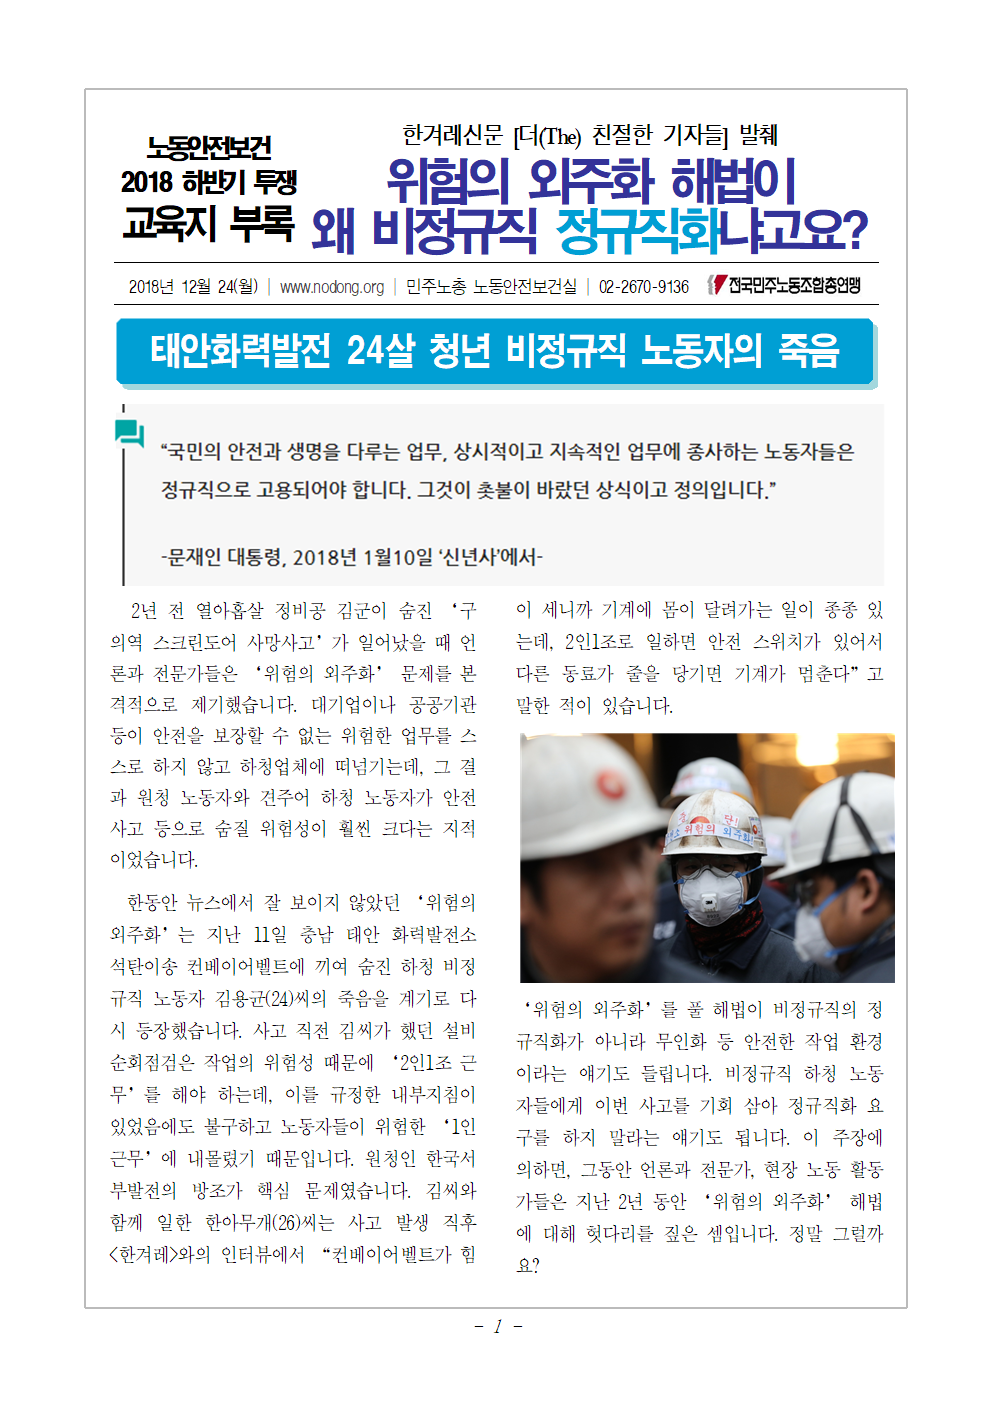 2018_교육지_부록001.png